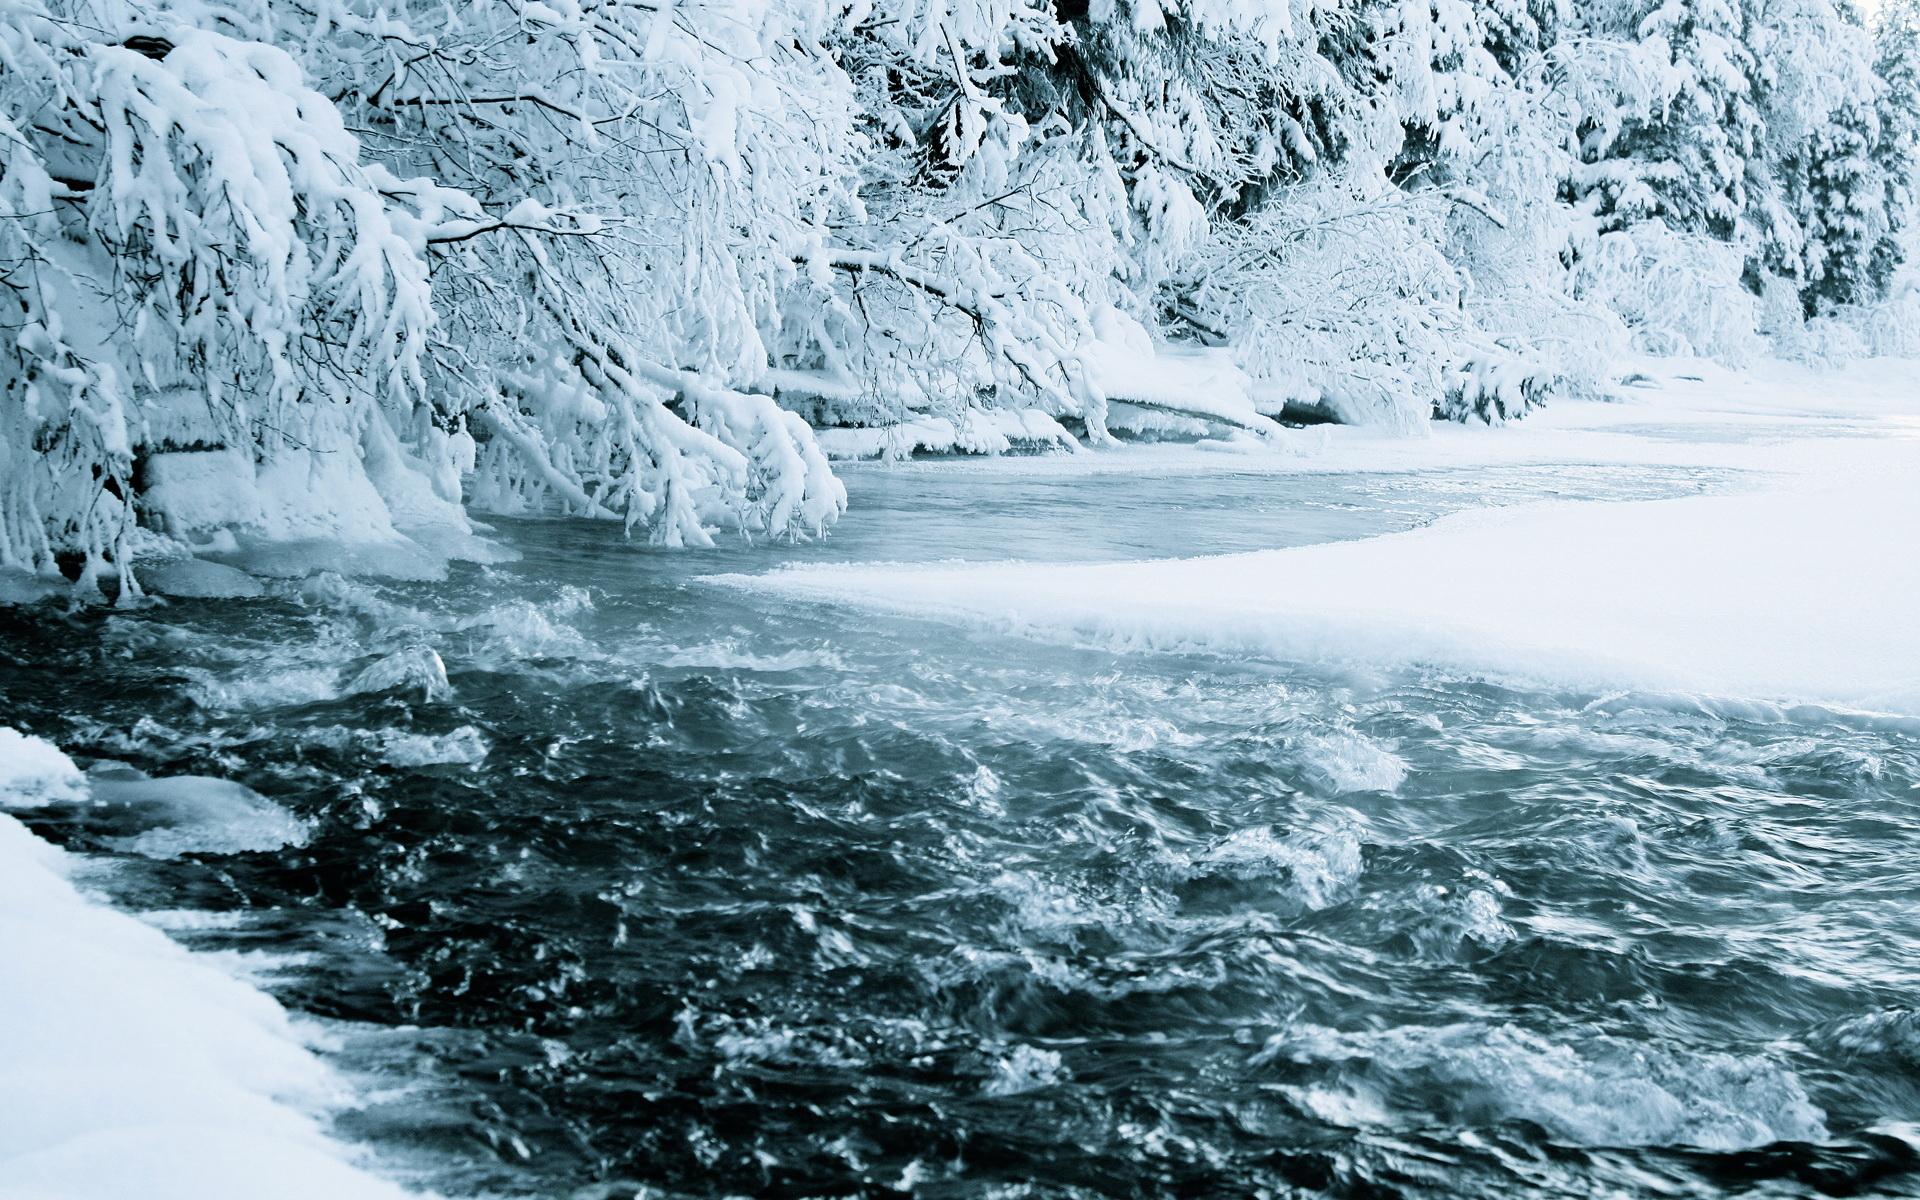 широкоформатные обои на рабочий стол зима скачать бесплатно